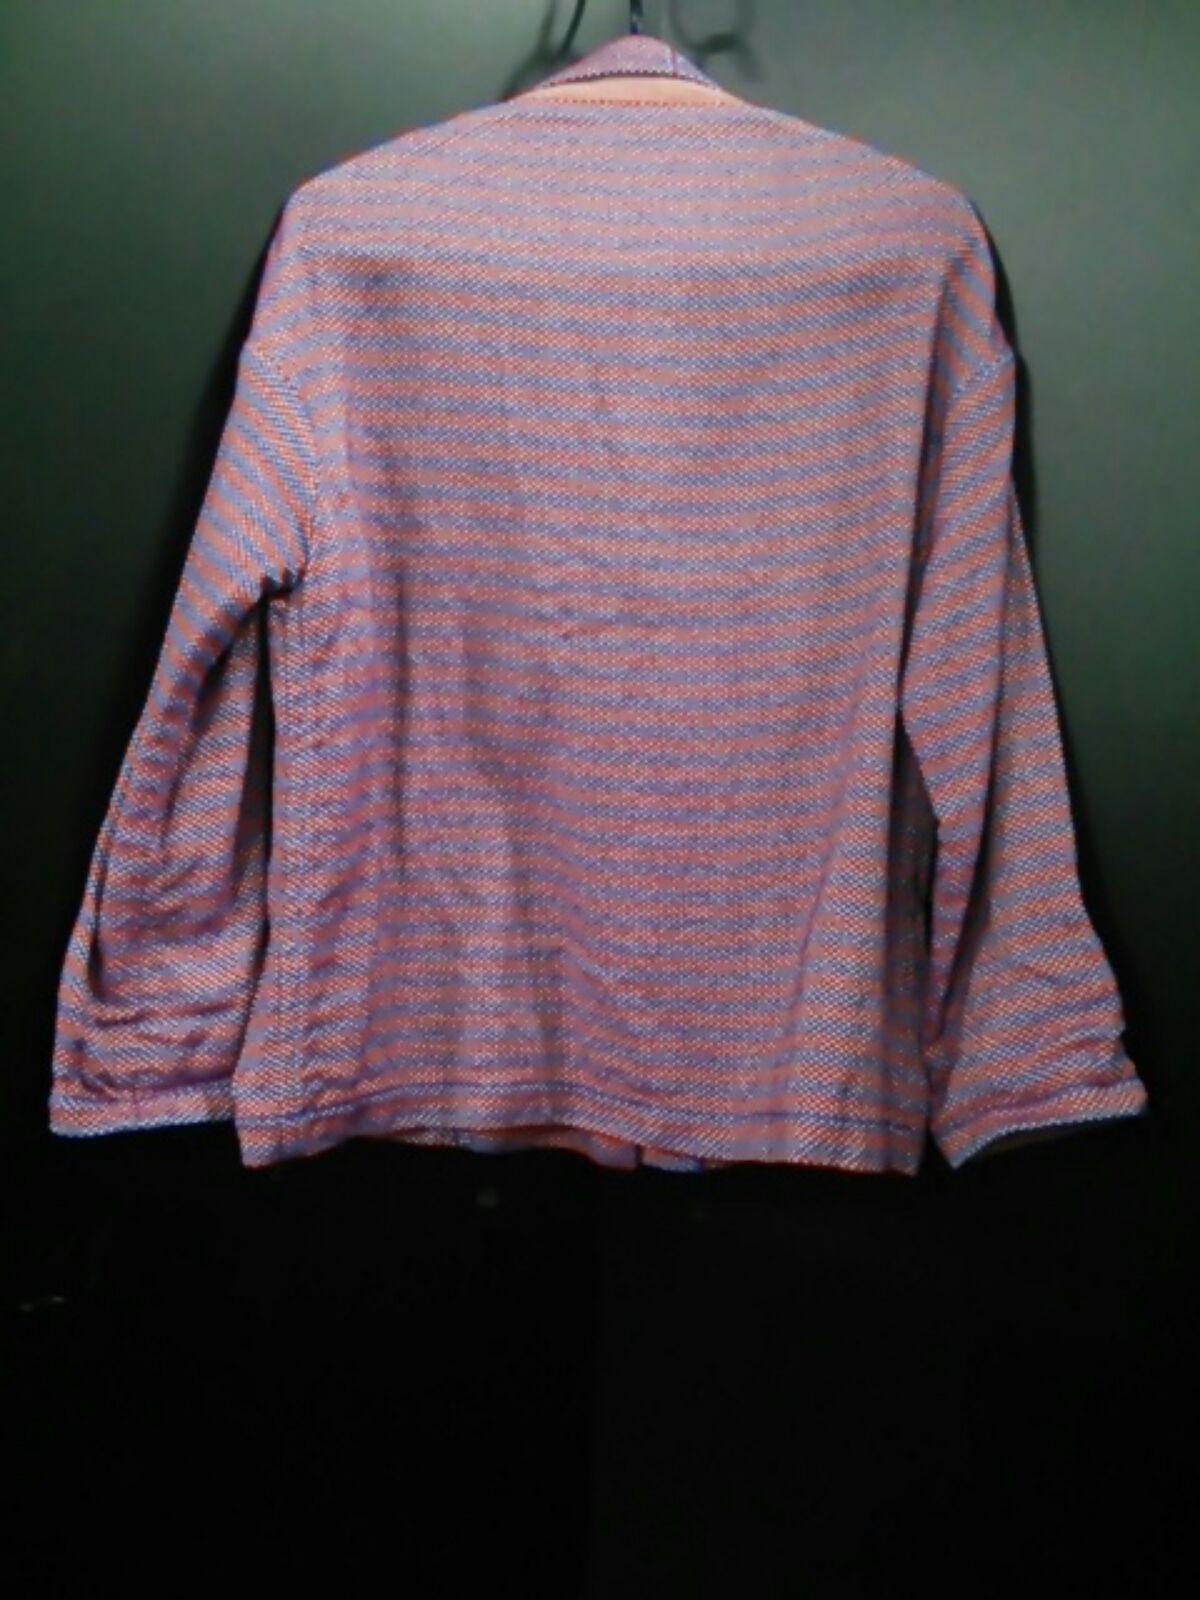 jejia(ジェジア)のジャケット